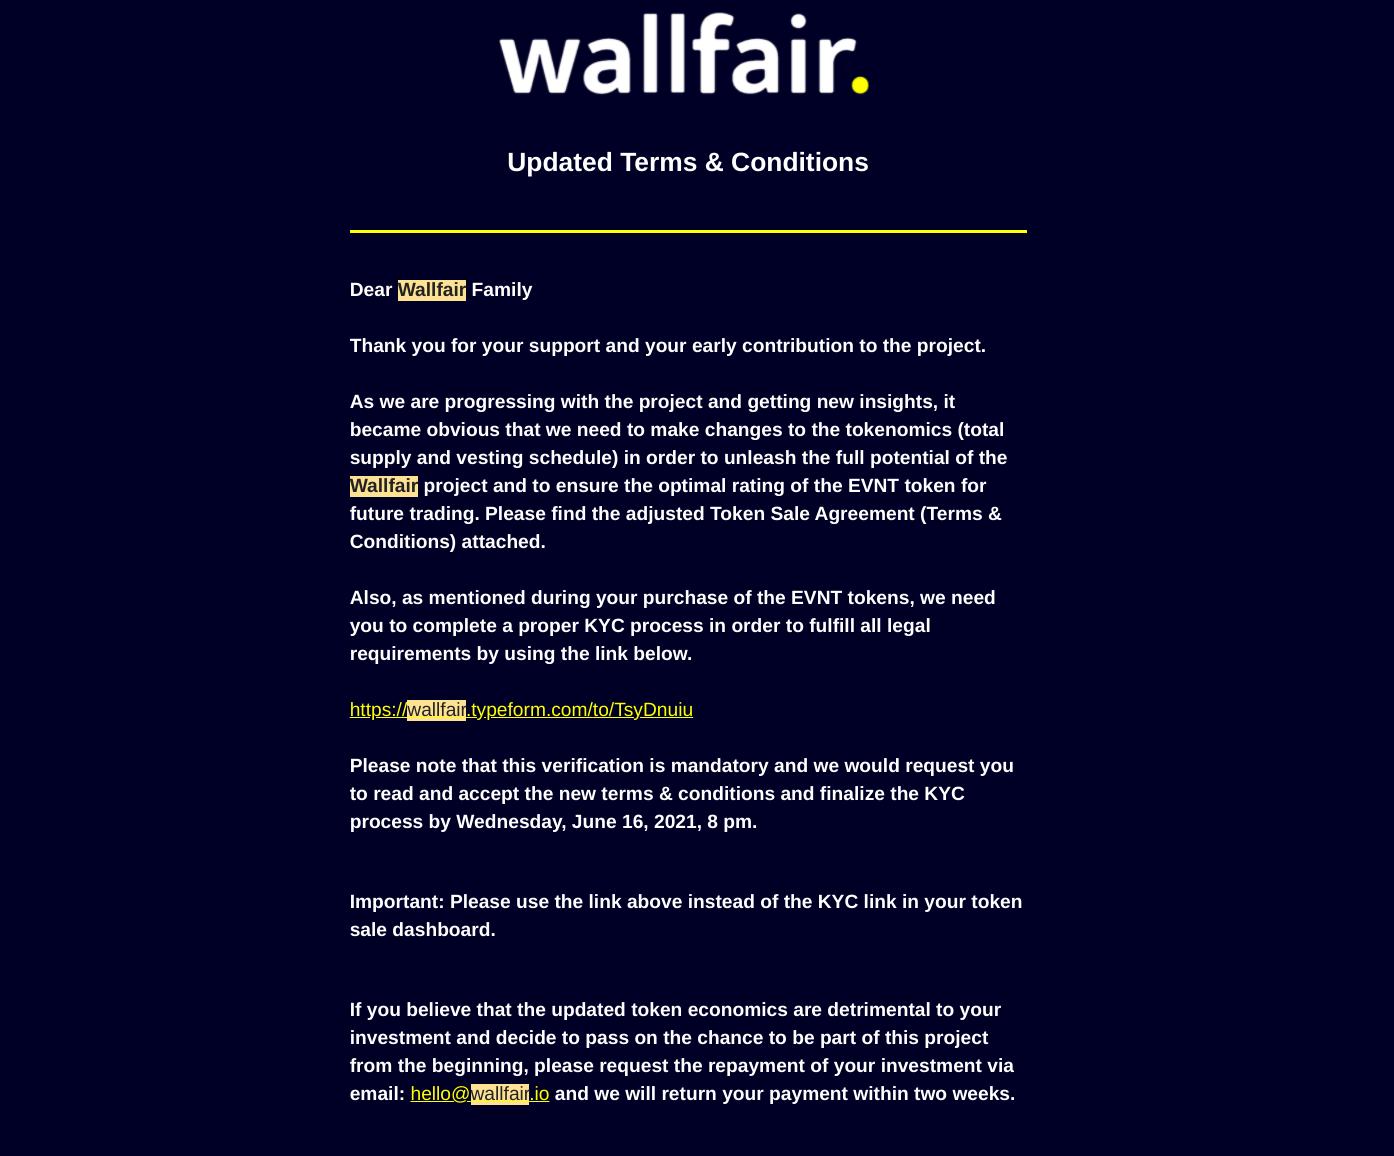 Wallfair crypto EVNT dilution